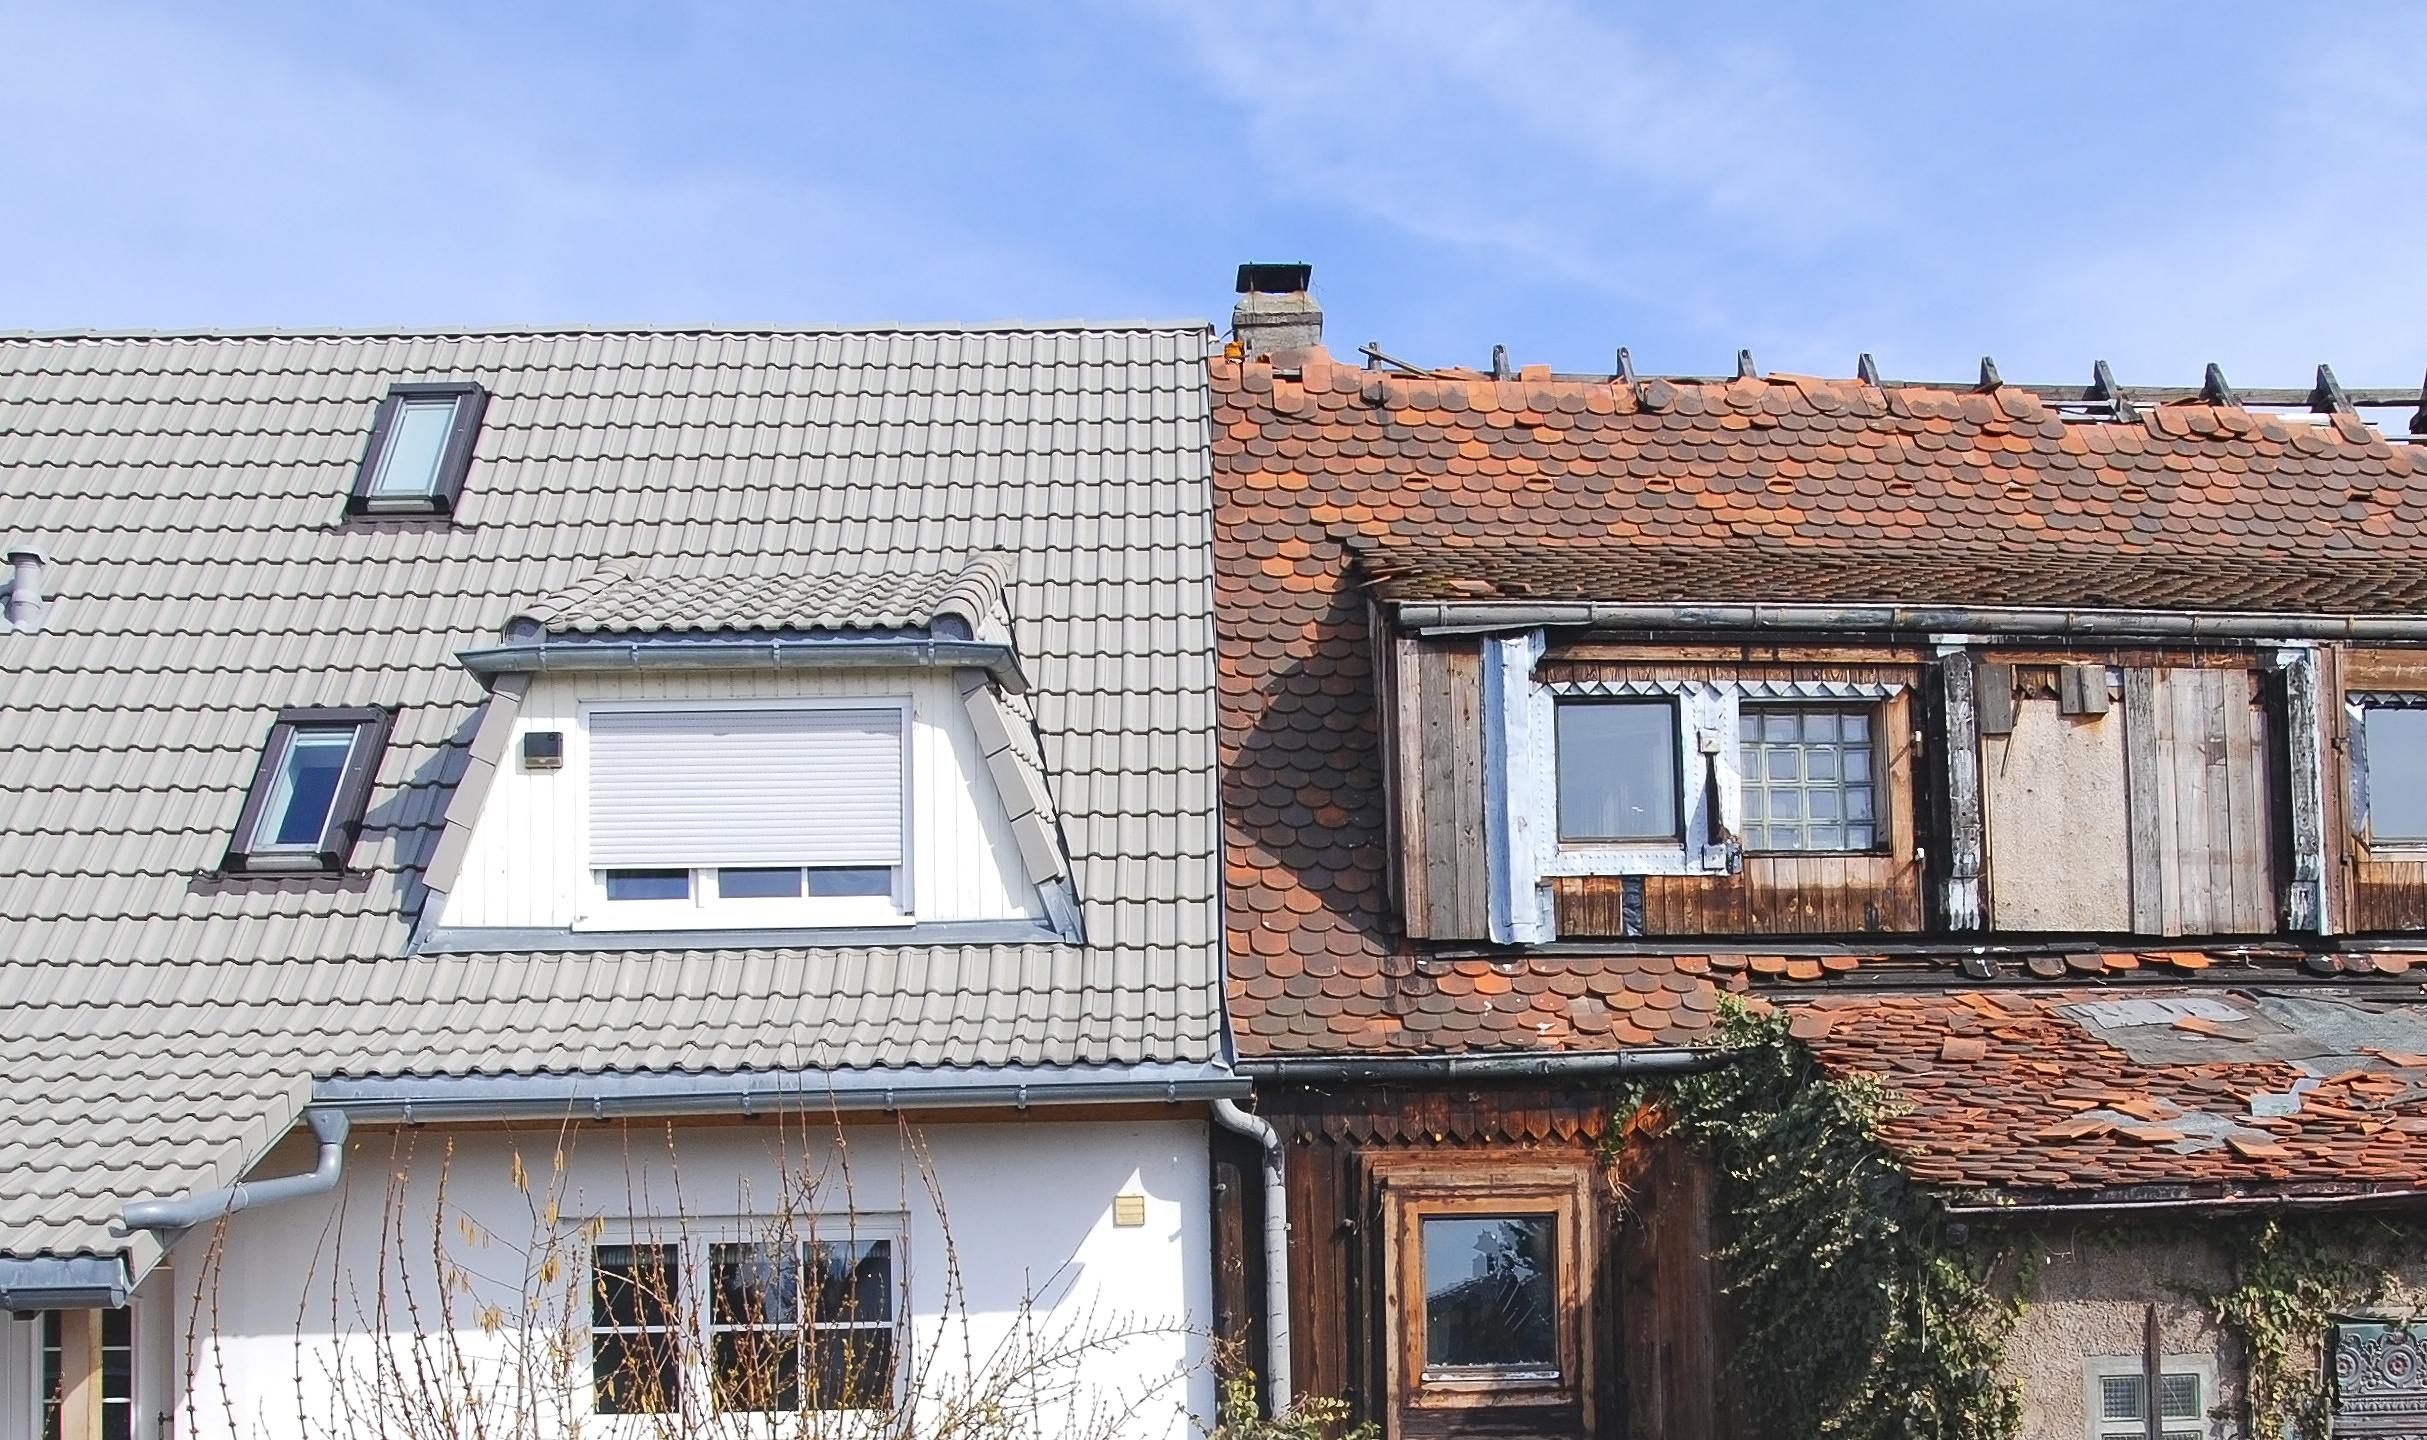 Risiko beim Mietkauf: Zustand der Immobilie